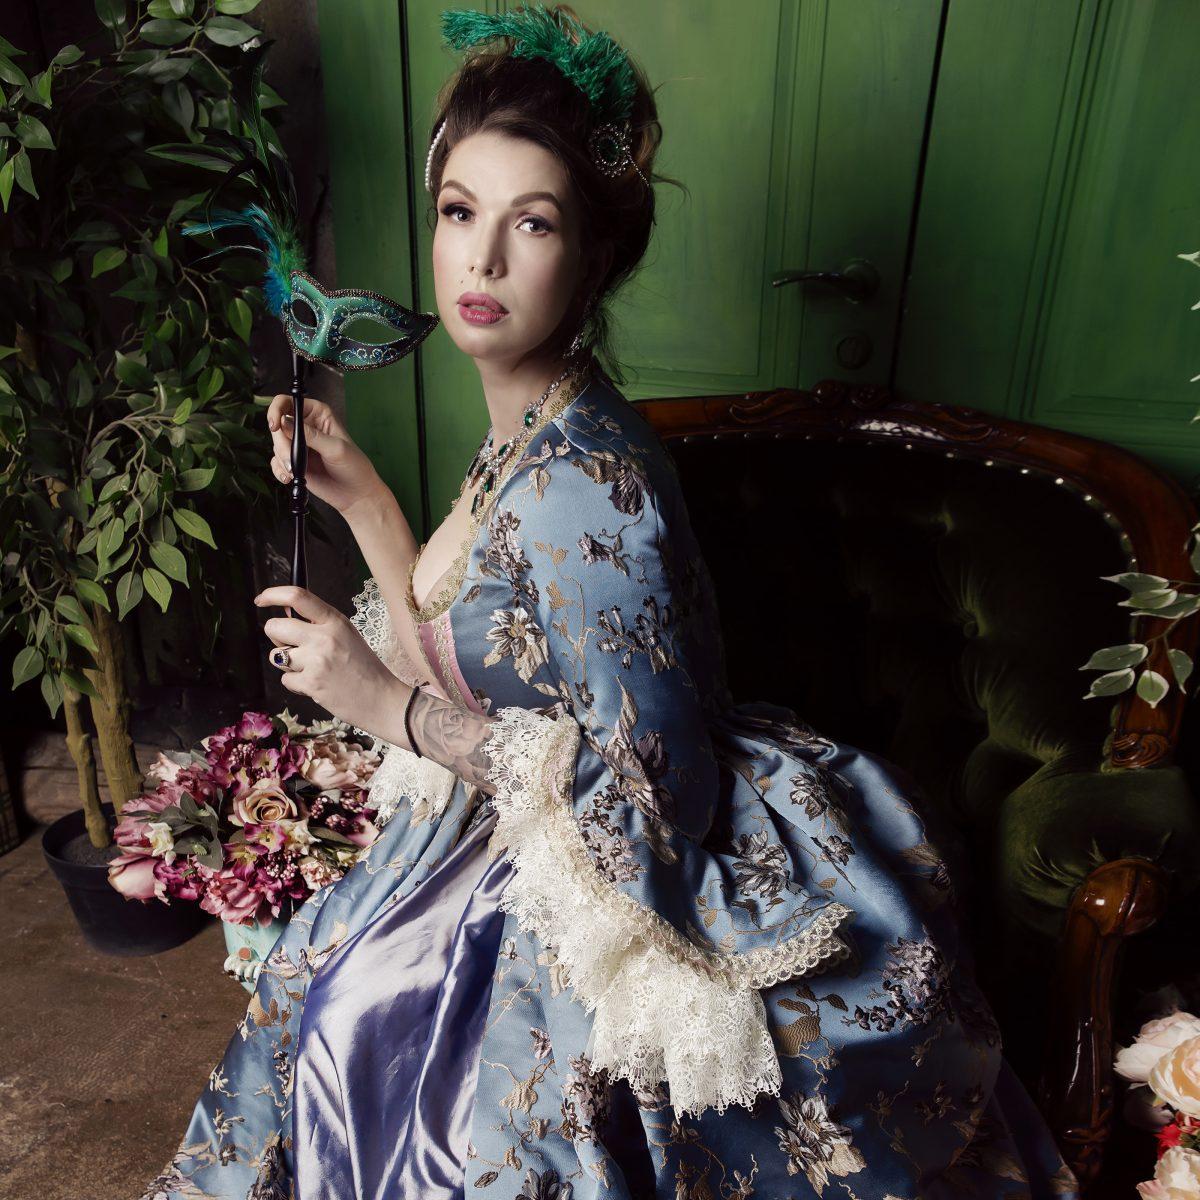 владивосток фотосессии в старинных платьях втором случае